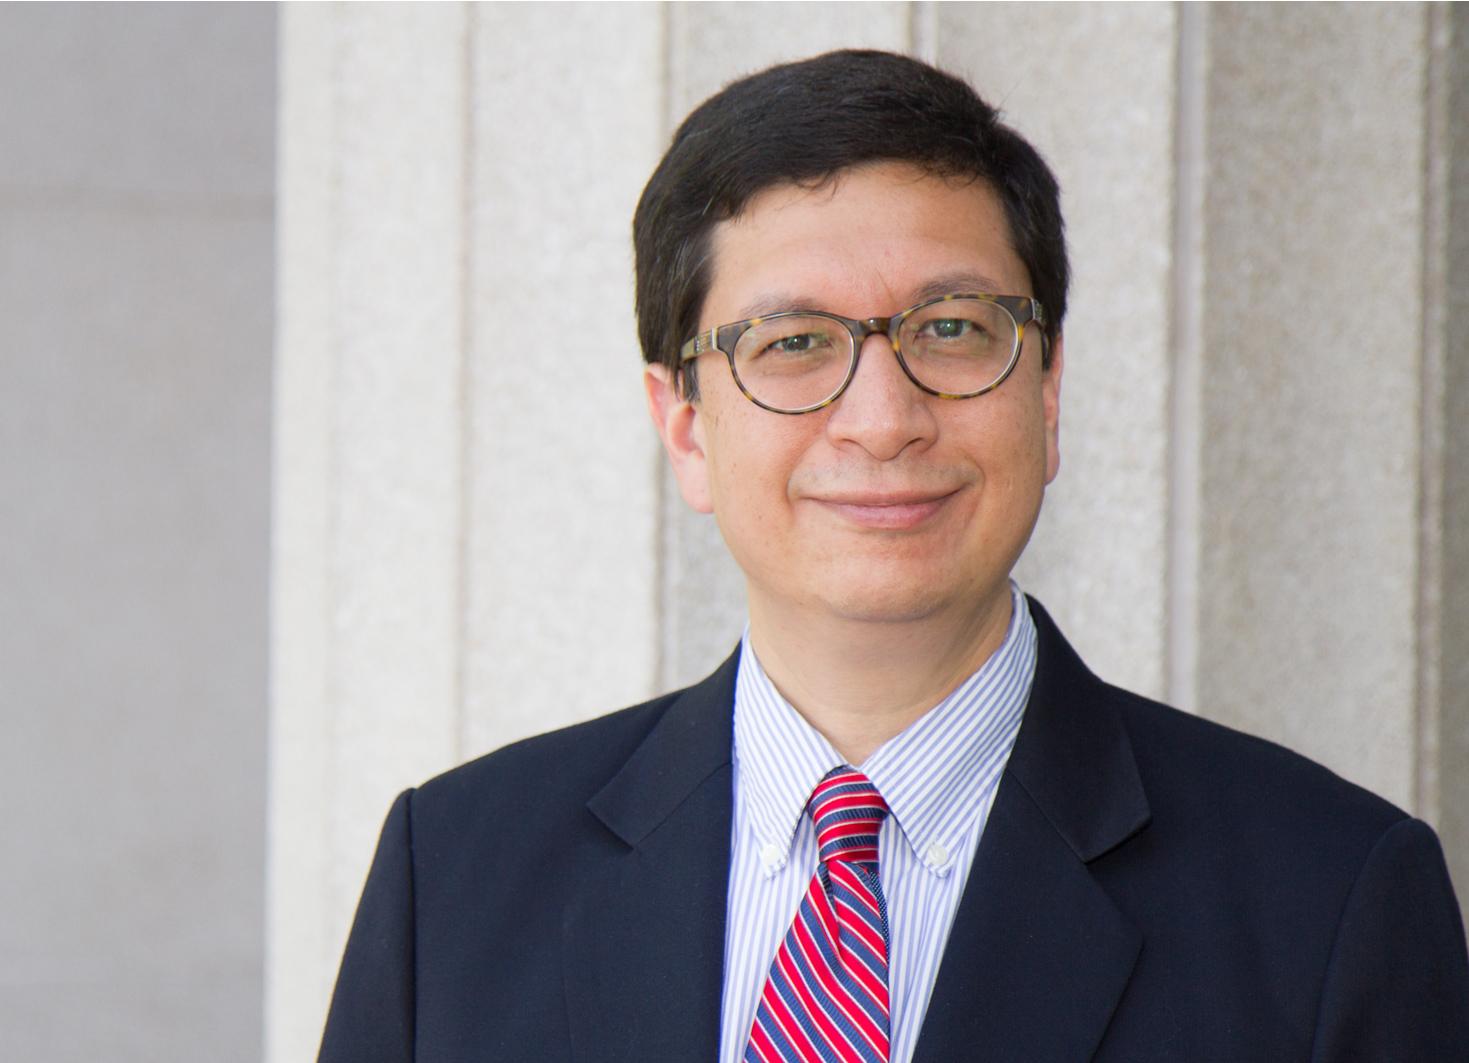 Professor Jorge Contreras